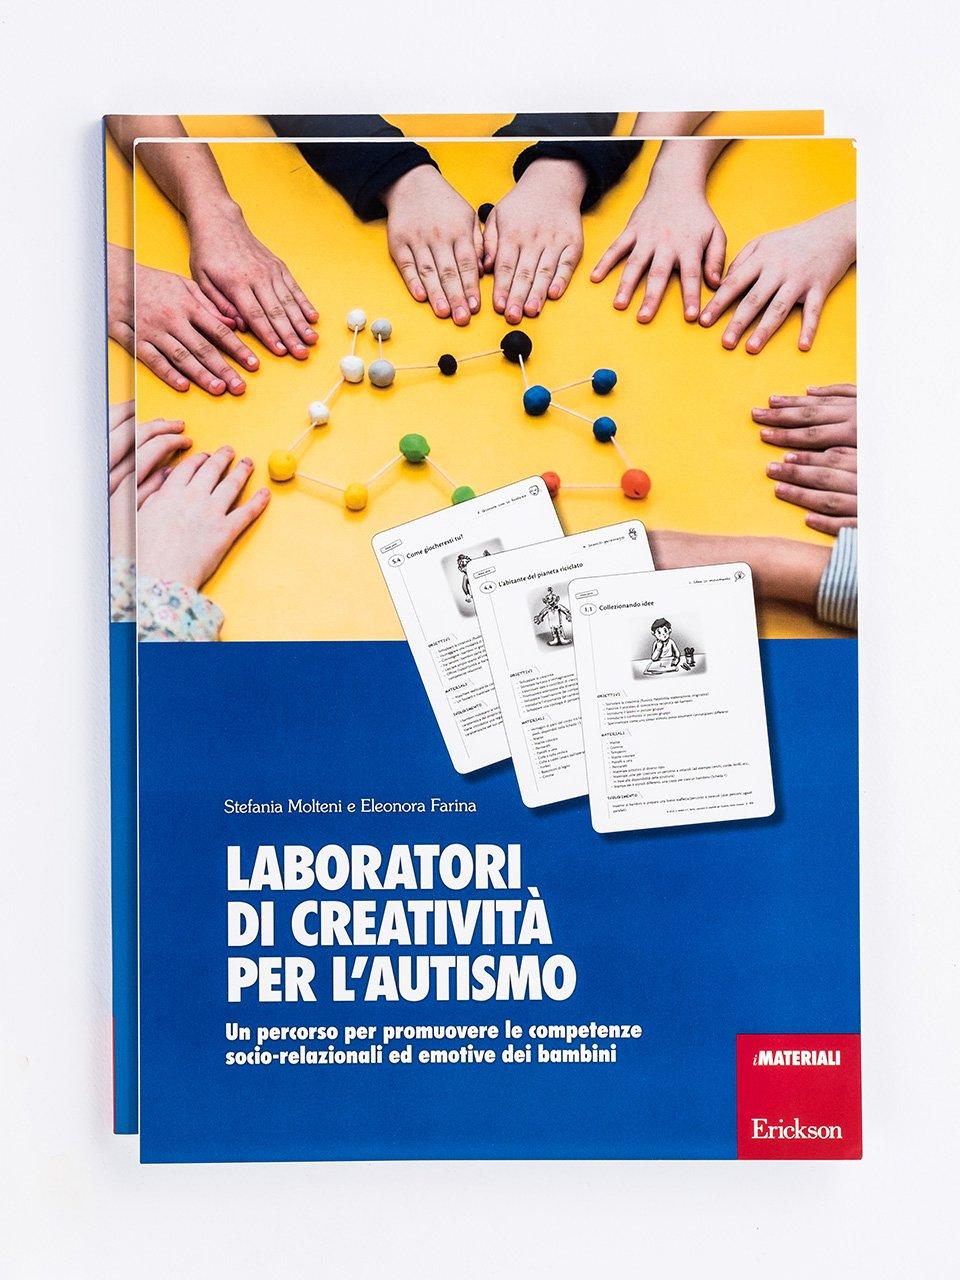 Laboratori di creatività per l'autismo - Libri - Erickson